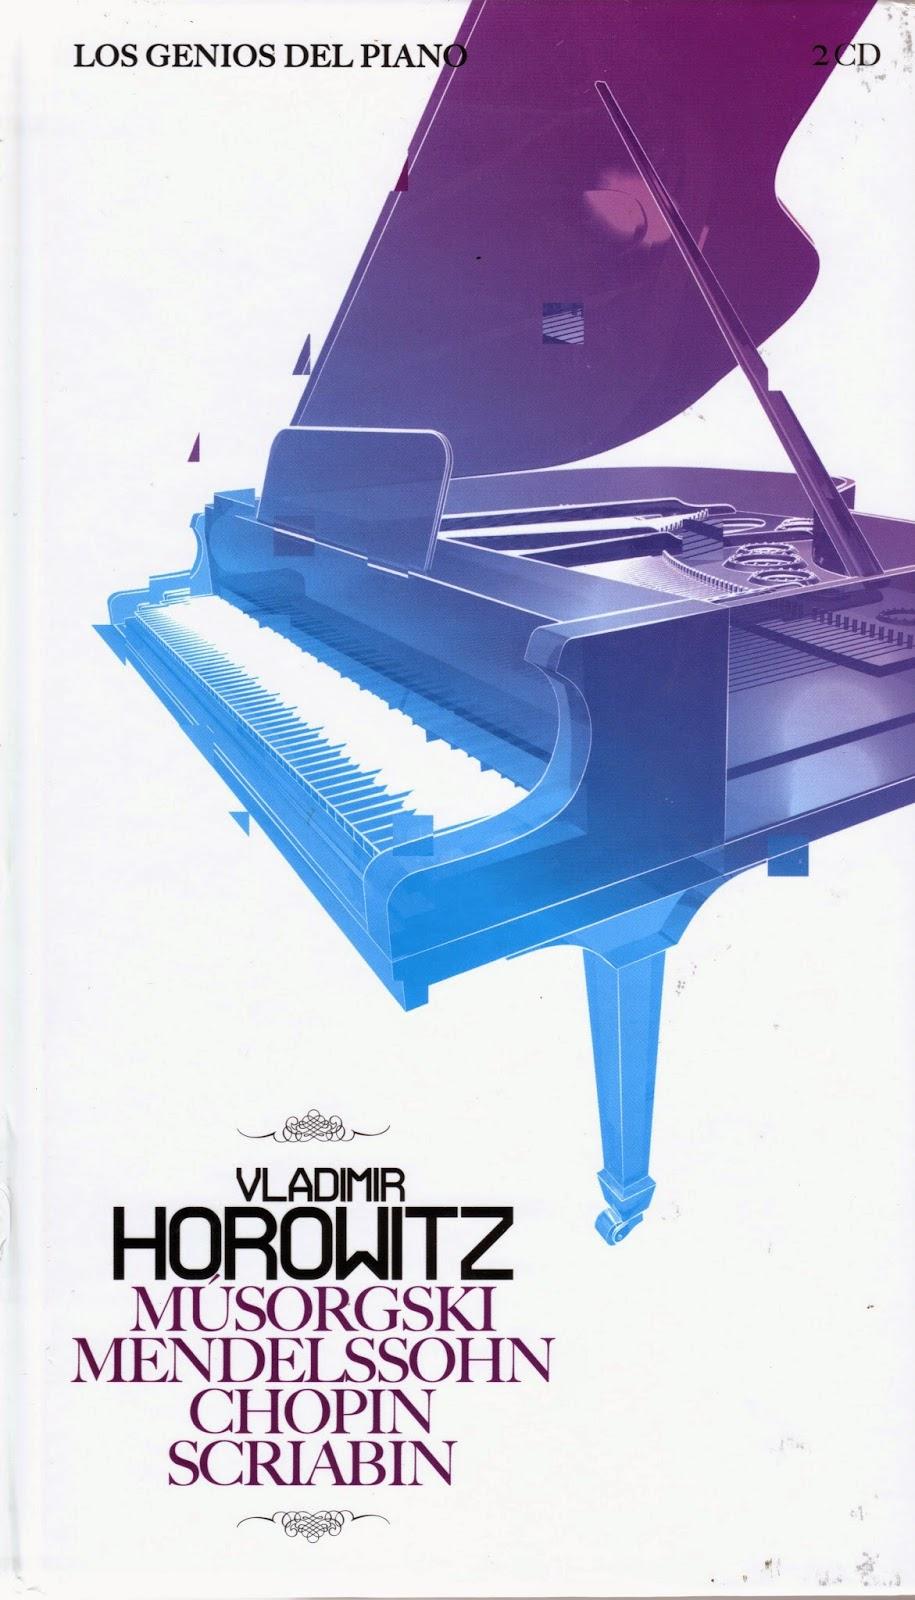 Imagen de Colección Los Genios del Piano-08-Vladimir Horowitz & Musorgski, Mendelssohn, Chopin y Scriabin